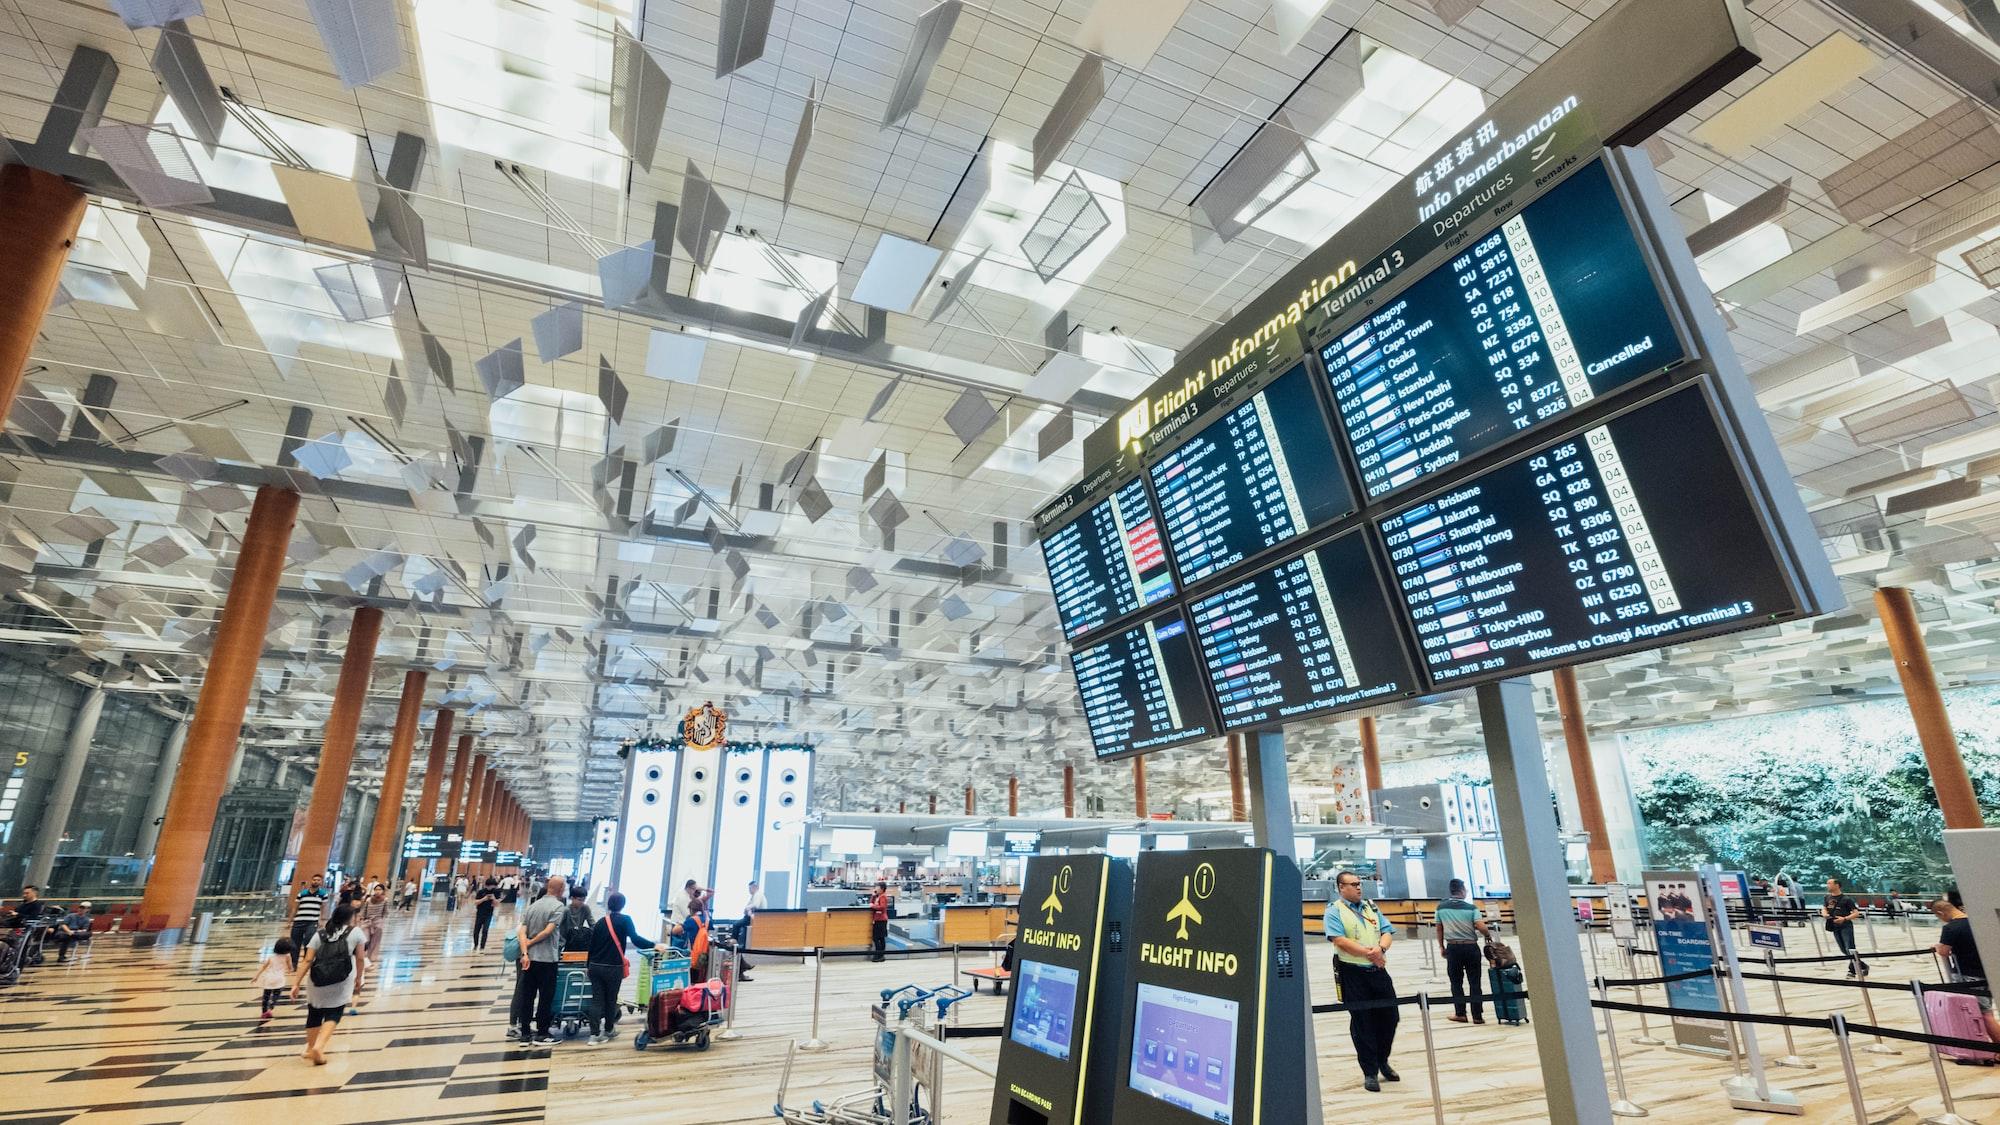 विदेश जाने वालों को करना होगा इंतजार, 31 अगस्त तक अंतरराष्ट्रीय उड़ानों पर प्रतिबंध